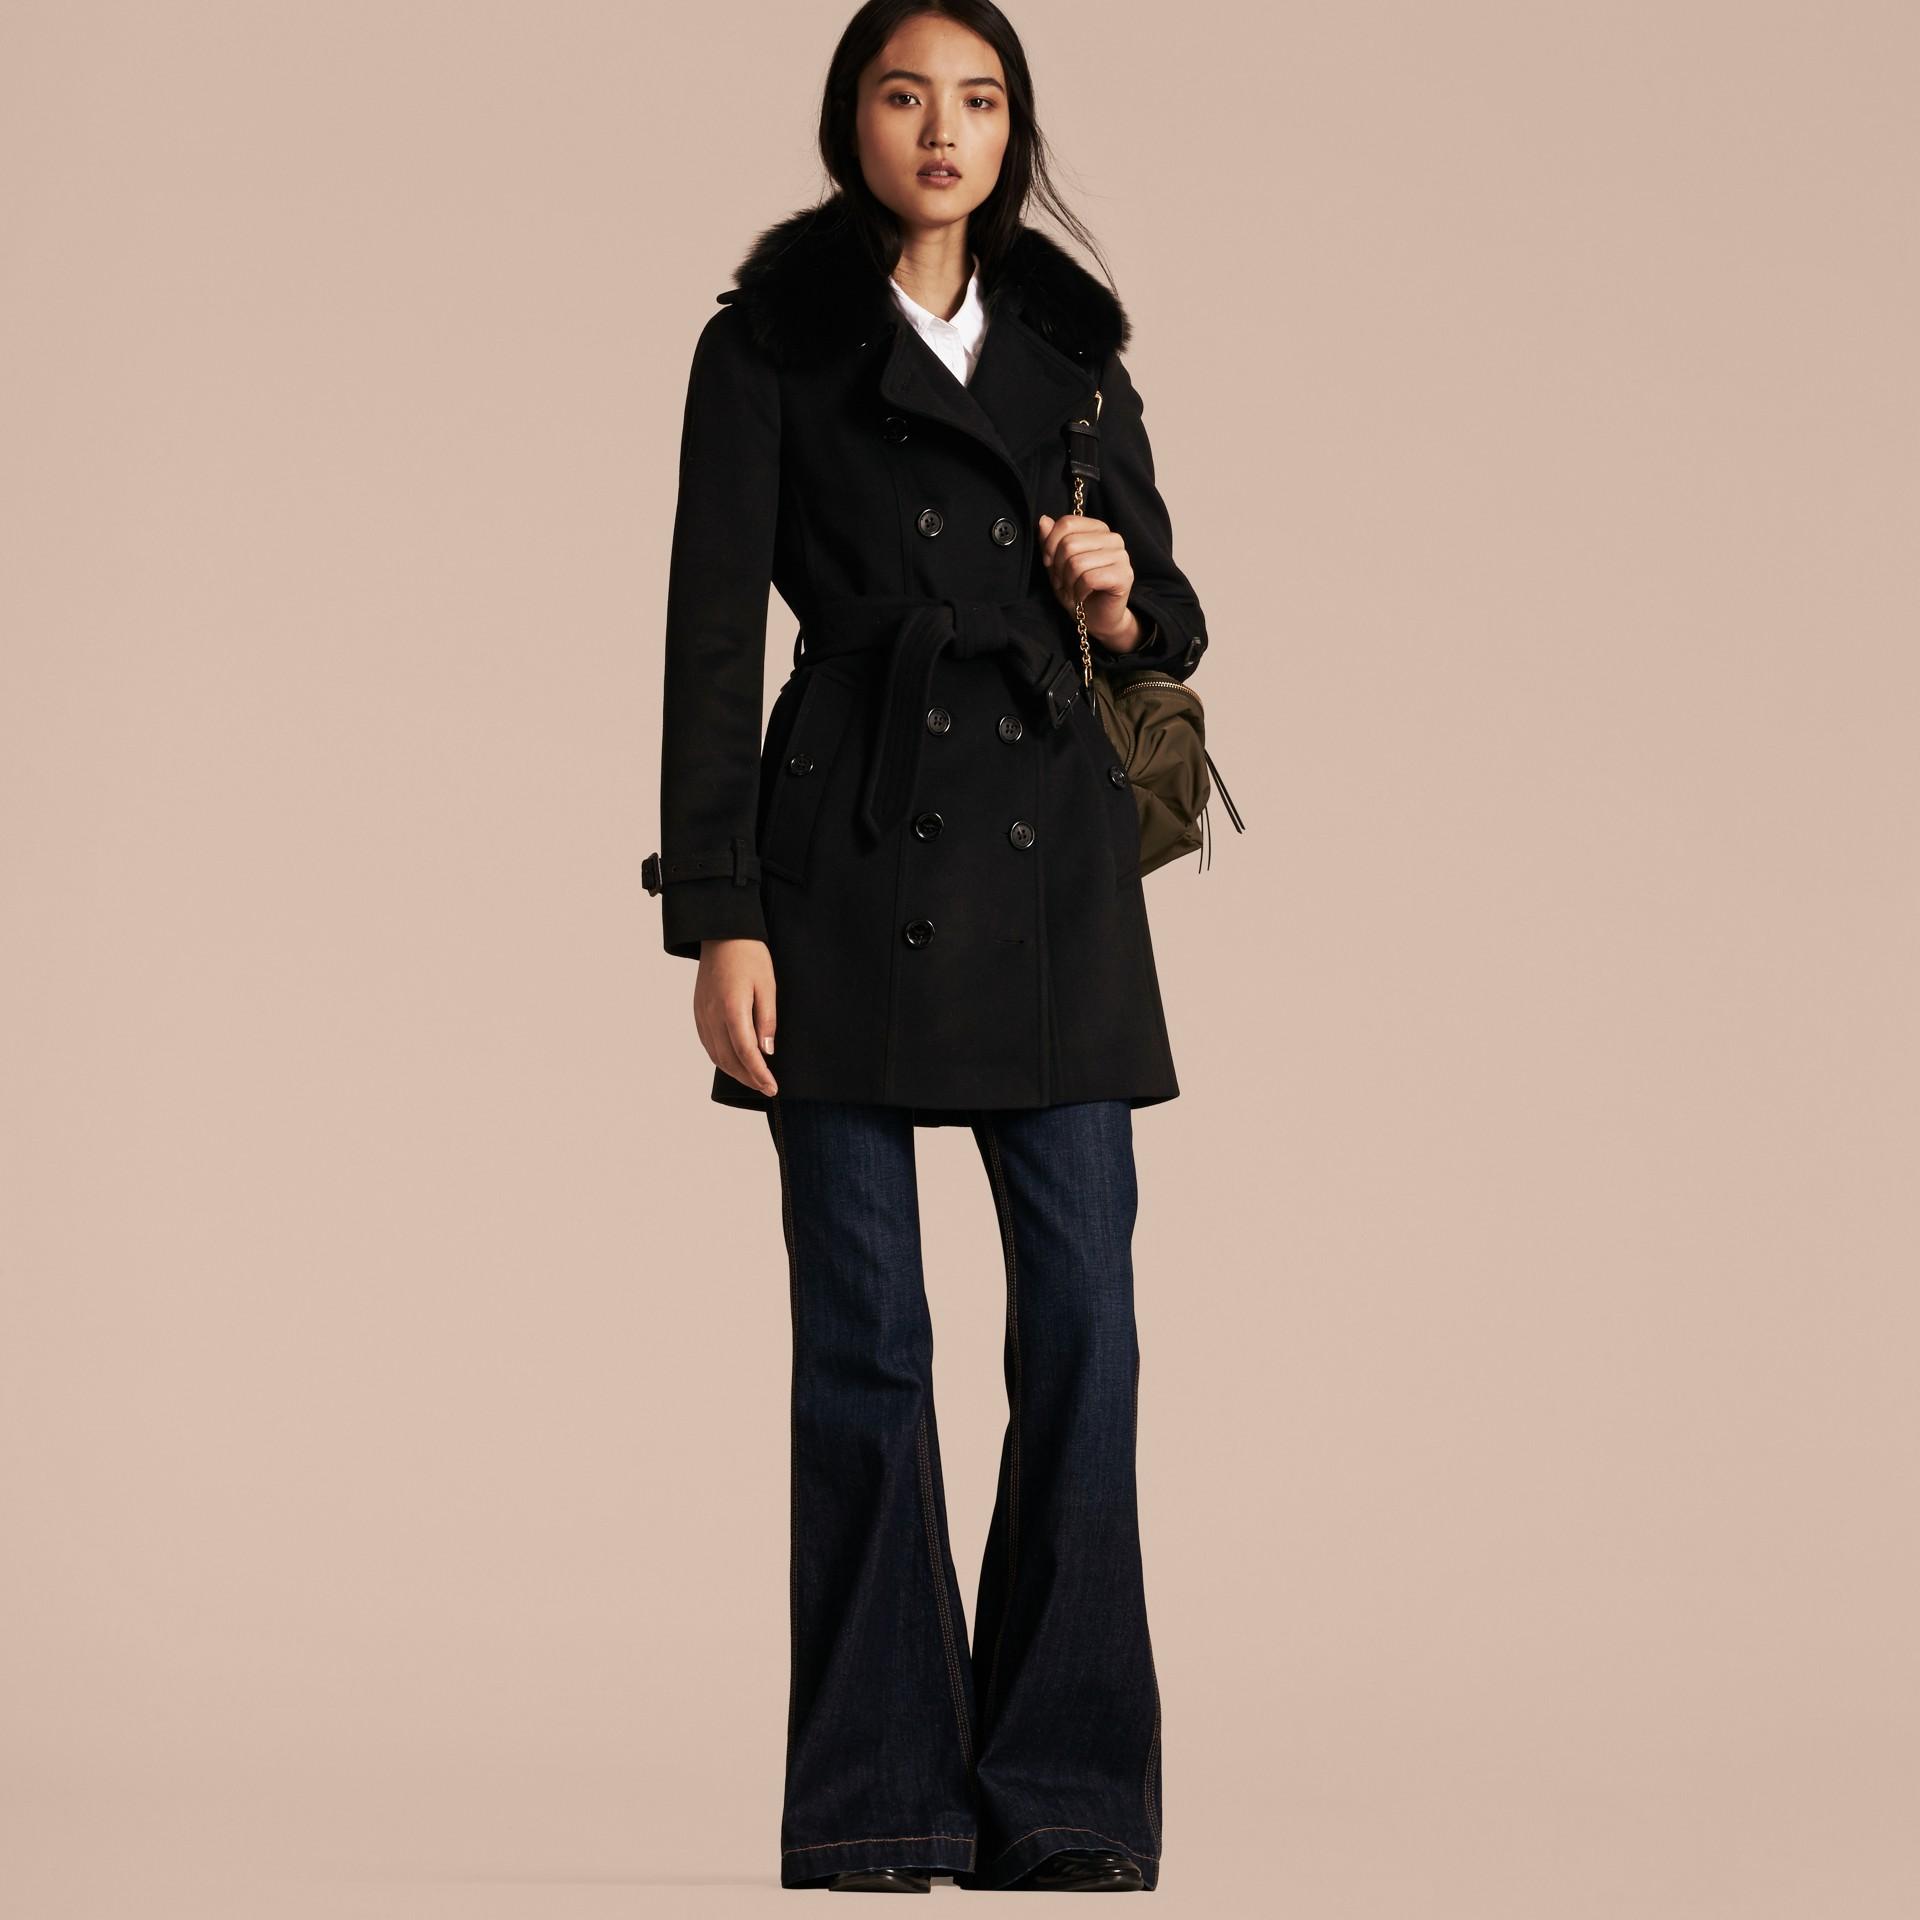 Negro Trench coat en lana y cachemir con cuello en piel de zorro Negro - imagen de la galería 6